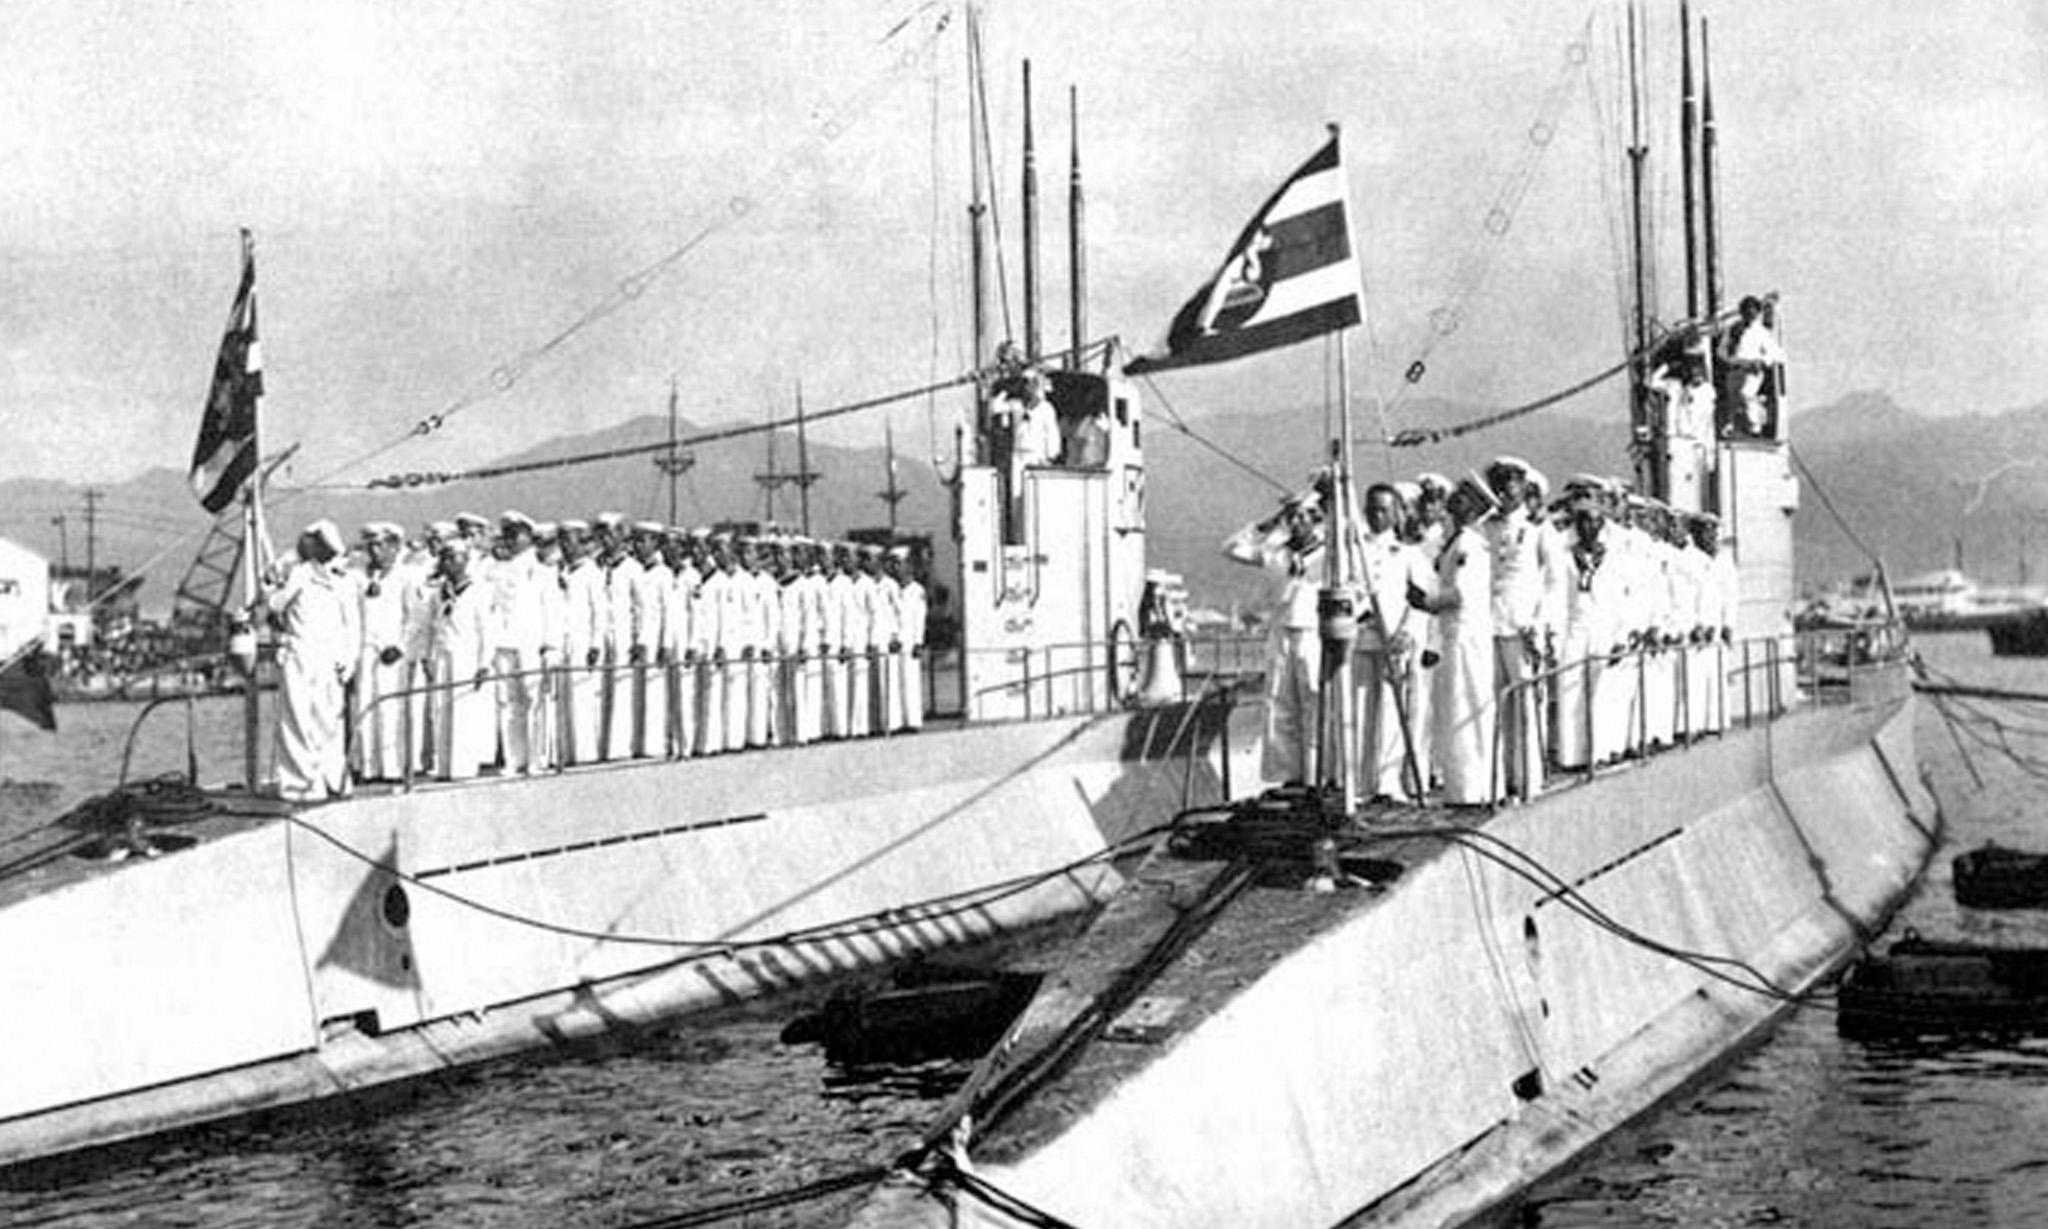 เรือดำน้ำไทย 4 ลำแรกเข้าประจำการกองทัพเรือไทยเมื่อ 82 ปีก่อน